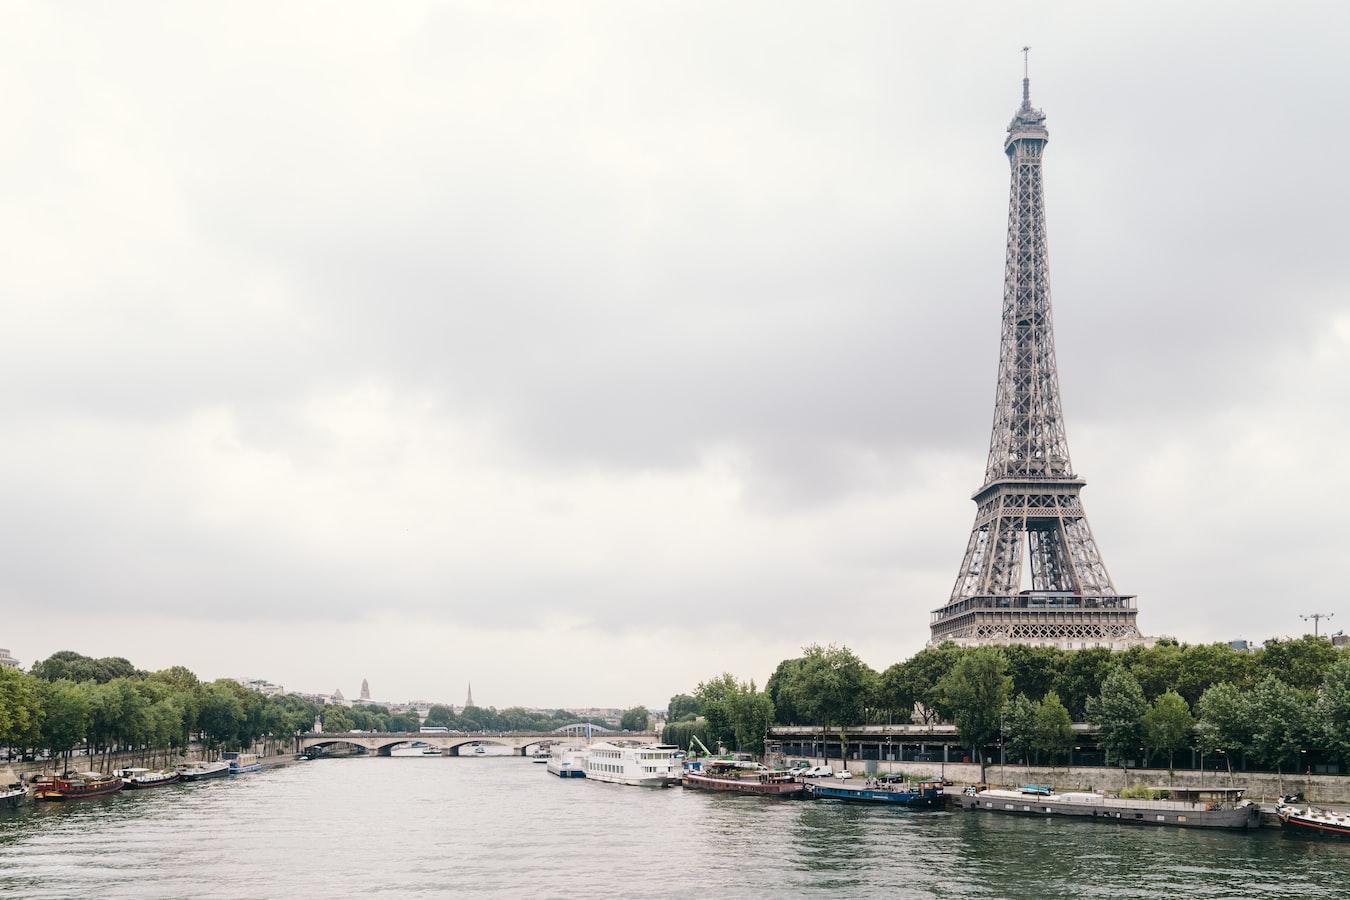 Du lịch châu Âu nên đi nước nào là đẹp nhất ? 6 điểm bạn không thể bỏ qua.